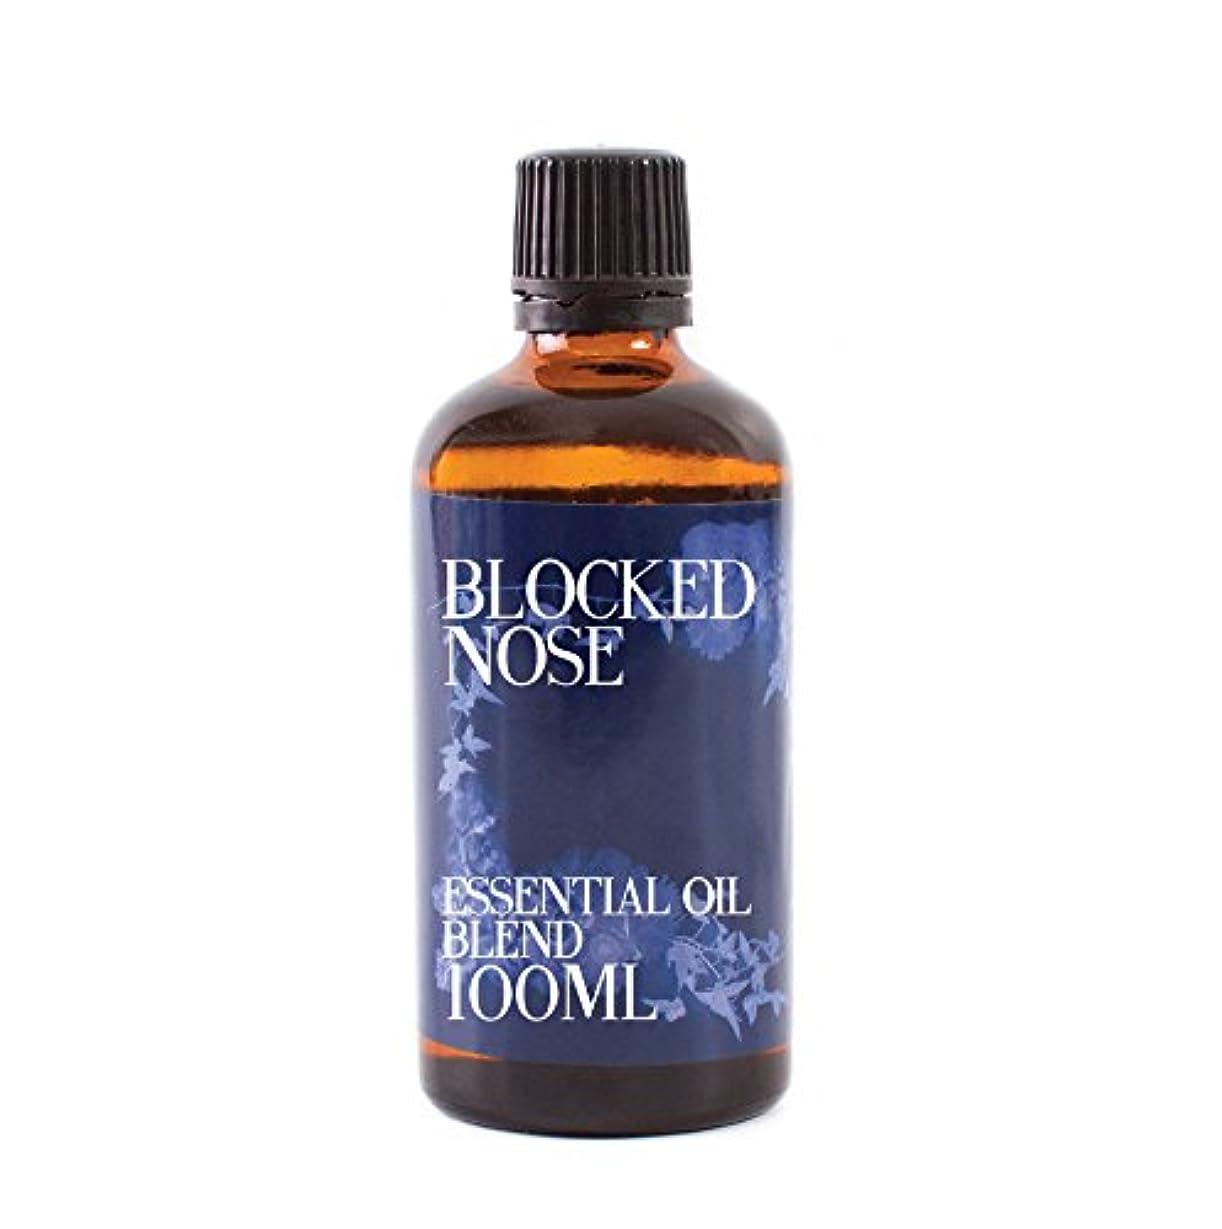 ポットシンポジウム偽善者Mystic Moments | Blocked Nose Essential Oil Blend - 100ml - 100% Pure